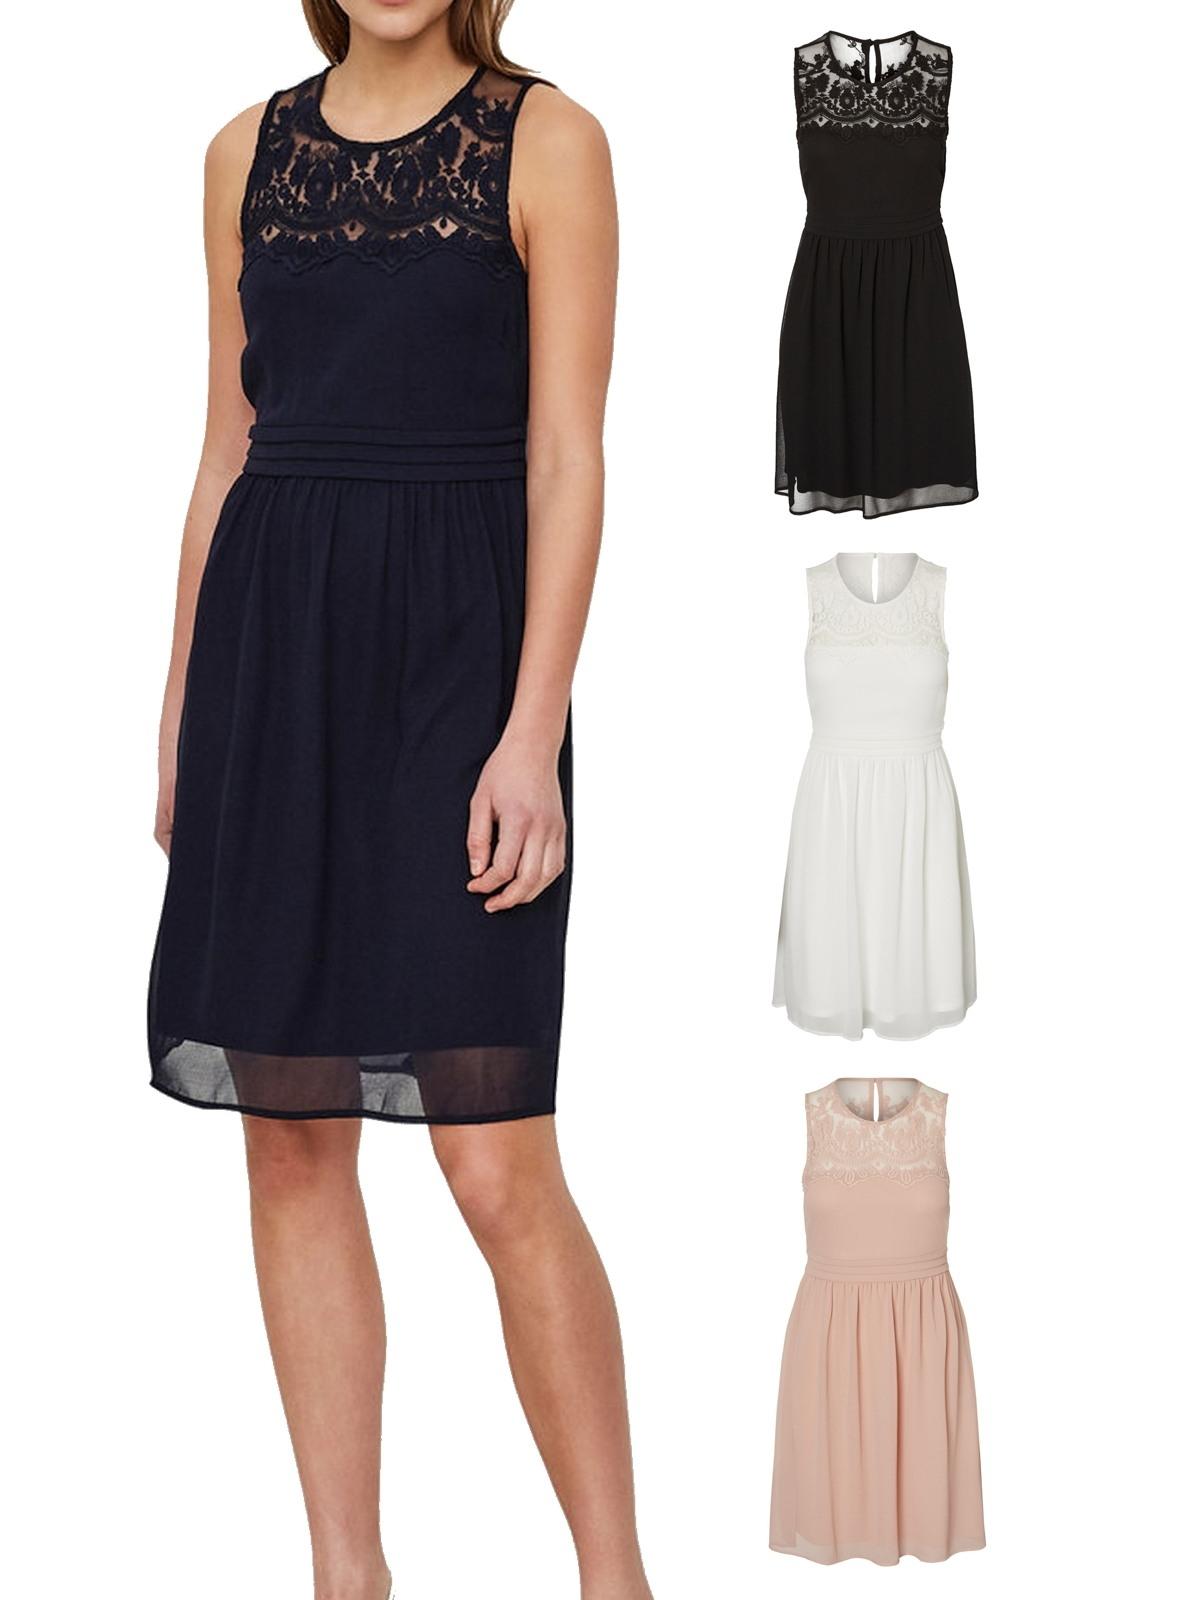 20 Großartig Damen Kleider Xl Spezialgebiet20 Einfach Damen Kleider Xl Bester Preis